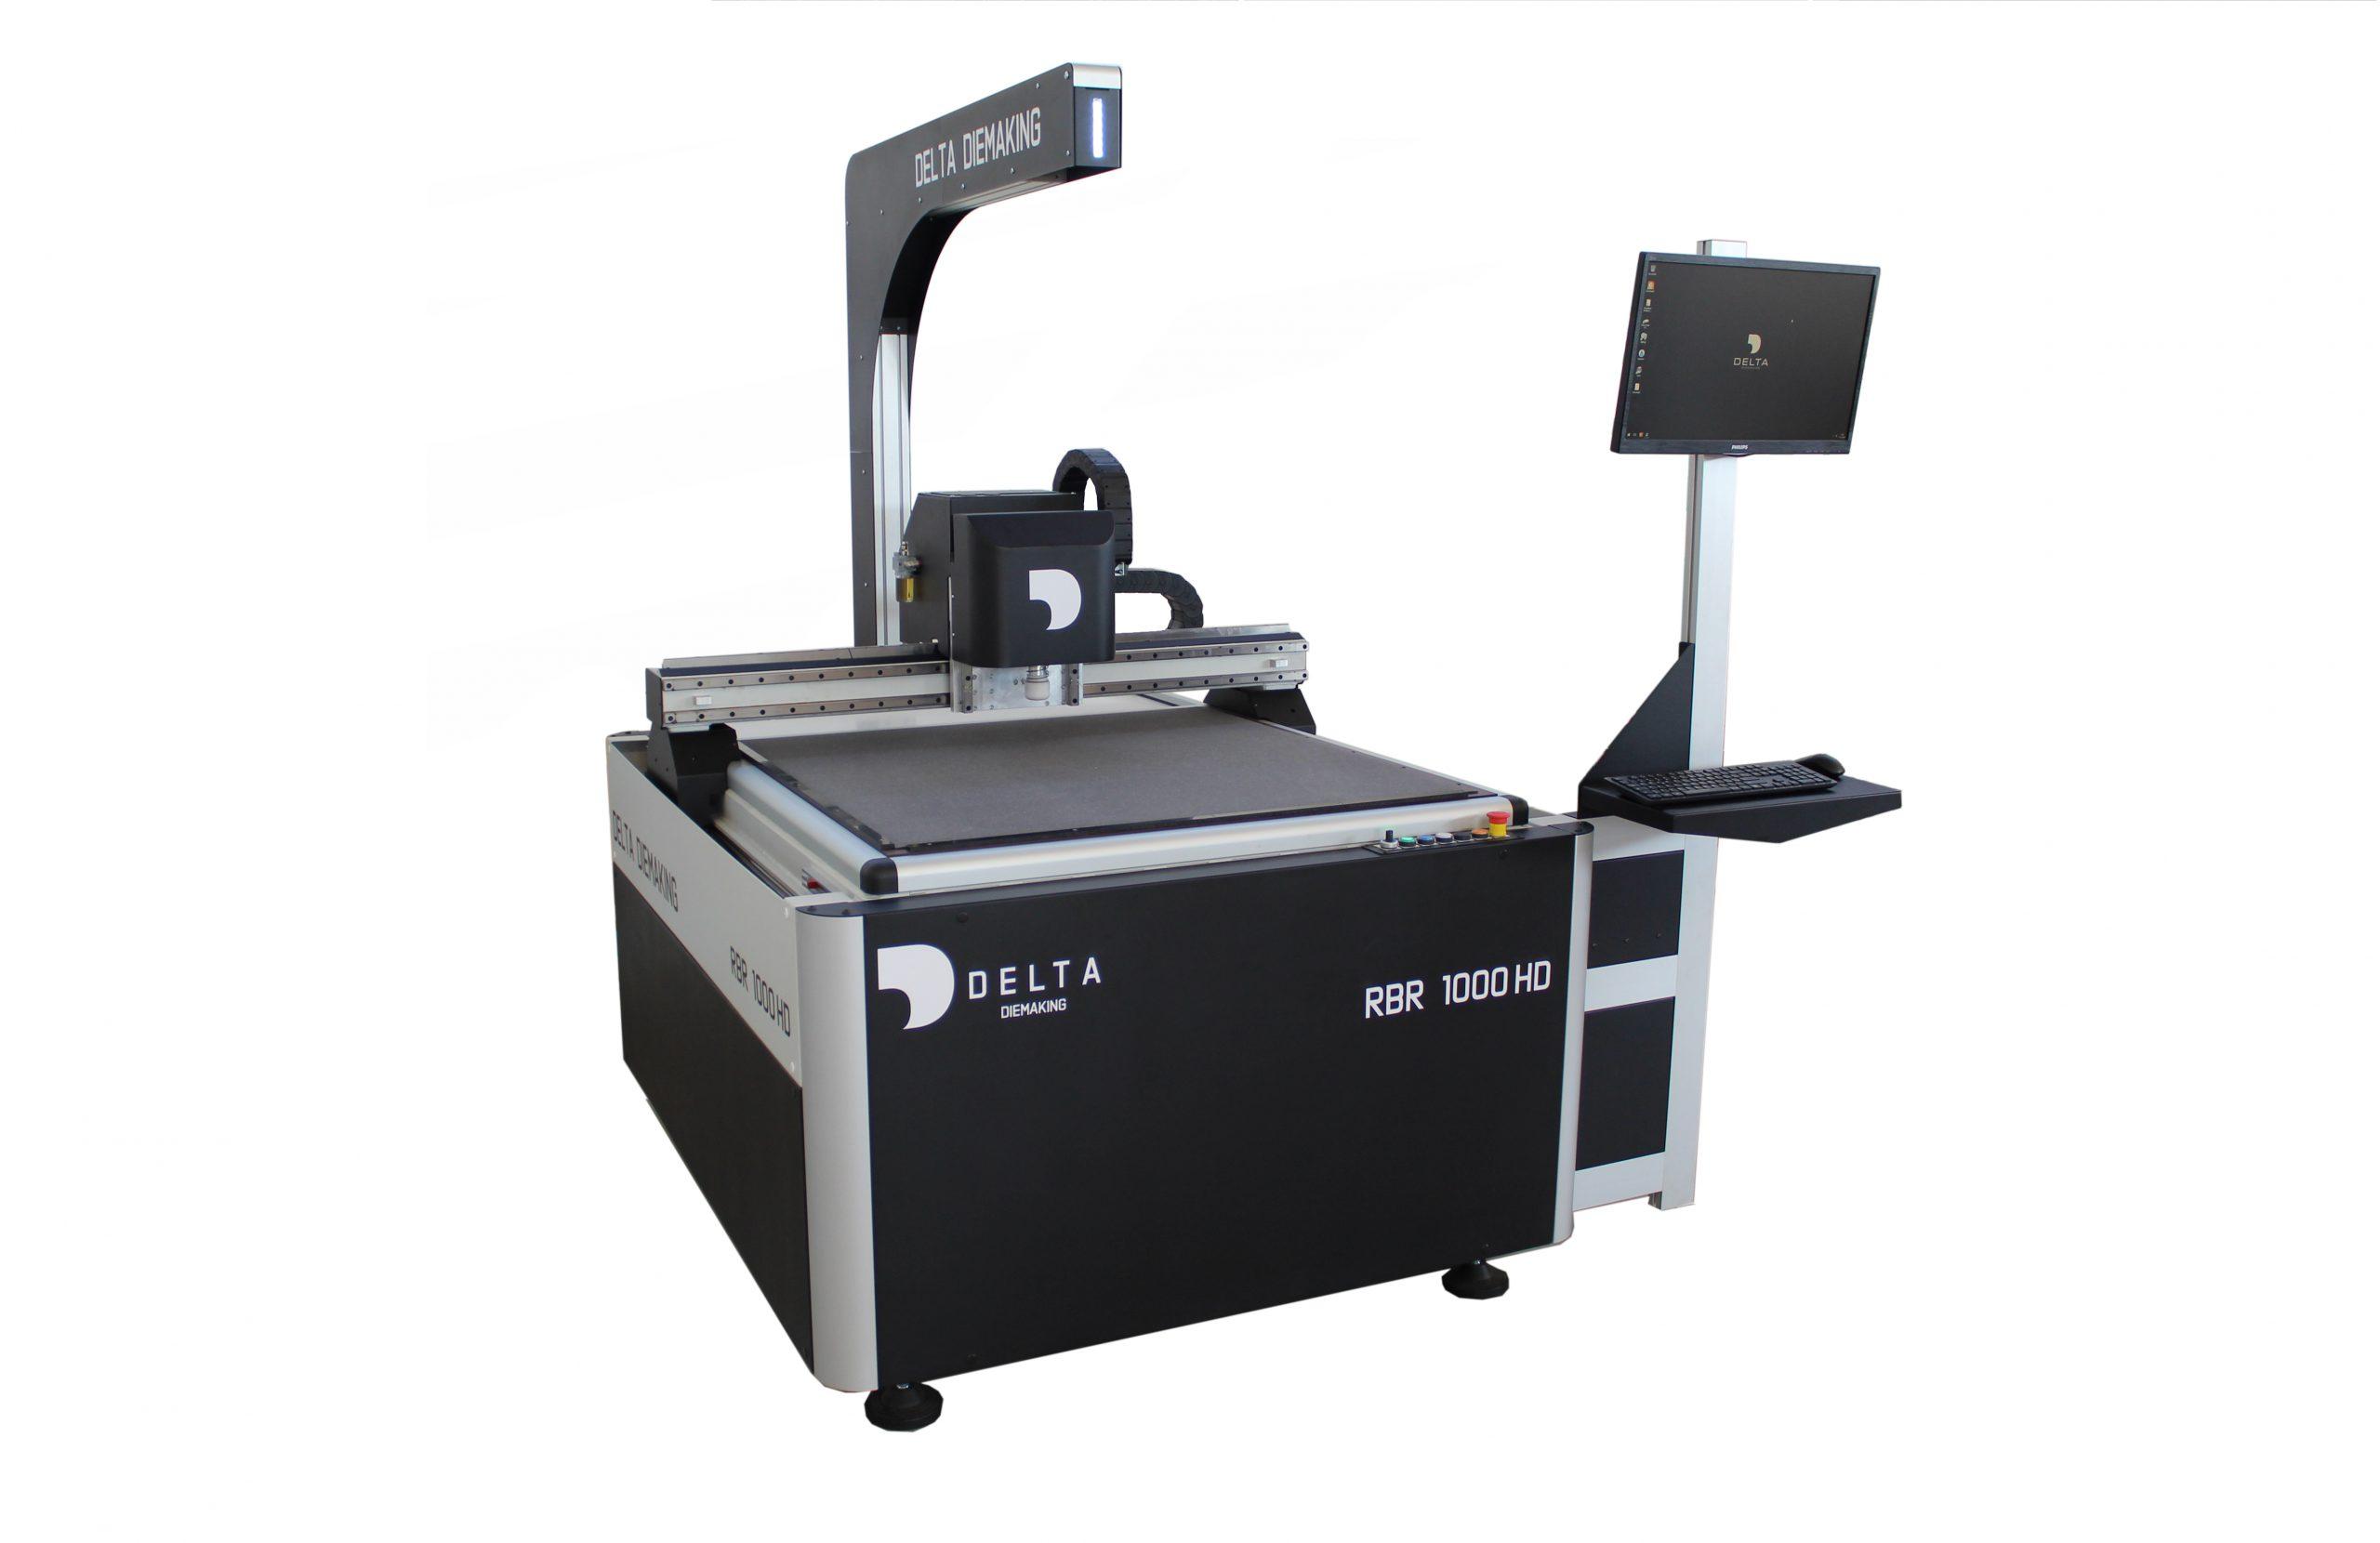 Delta-RBR1000